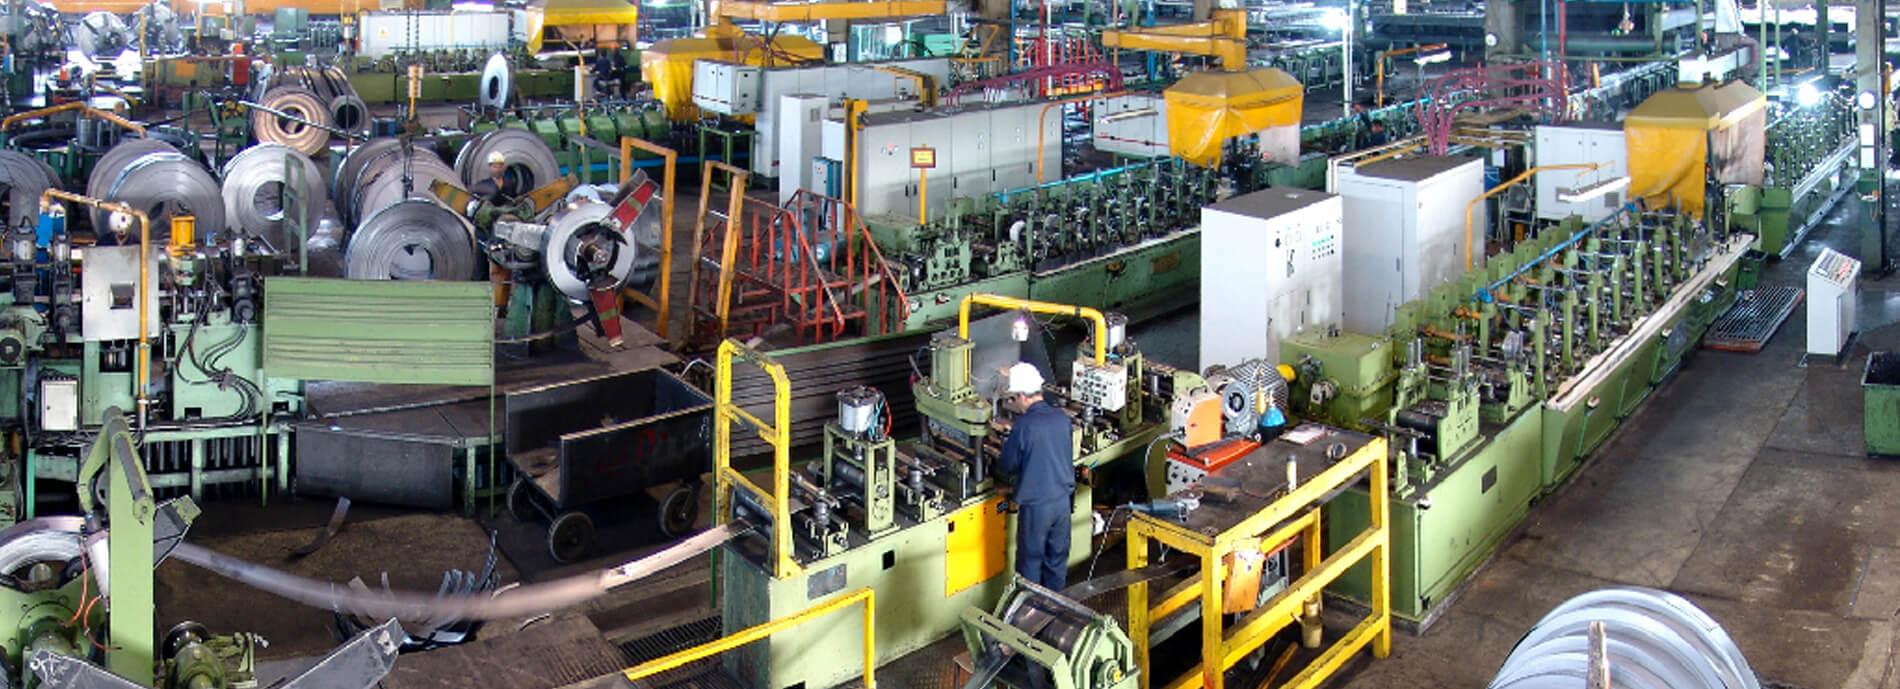 کارخانه لوله و پروفیل علویجه